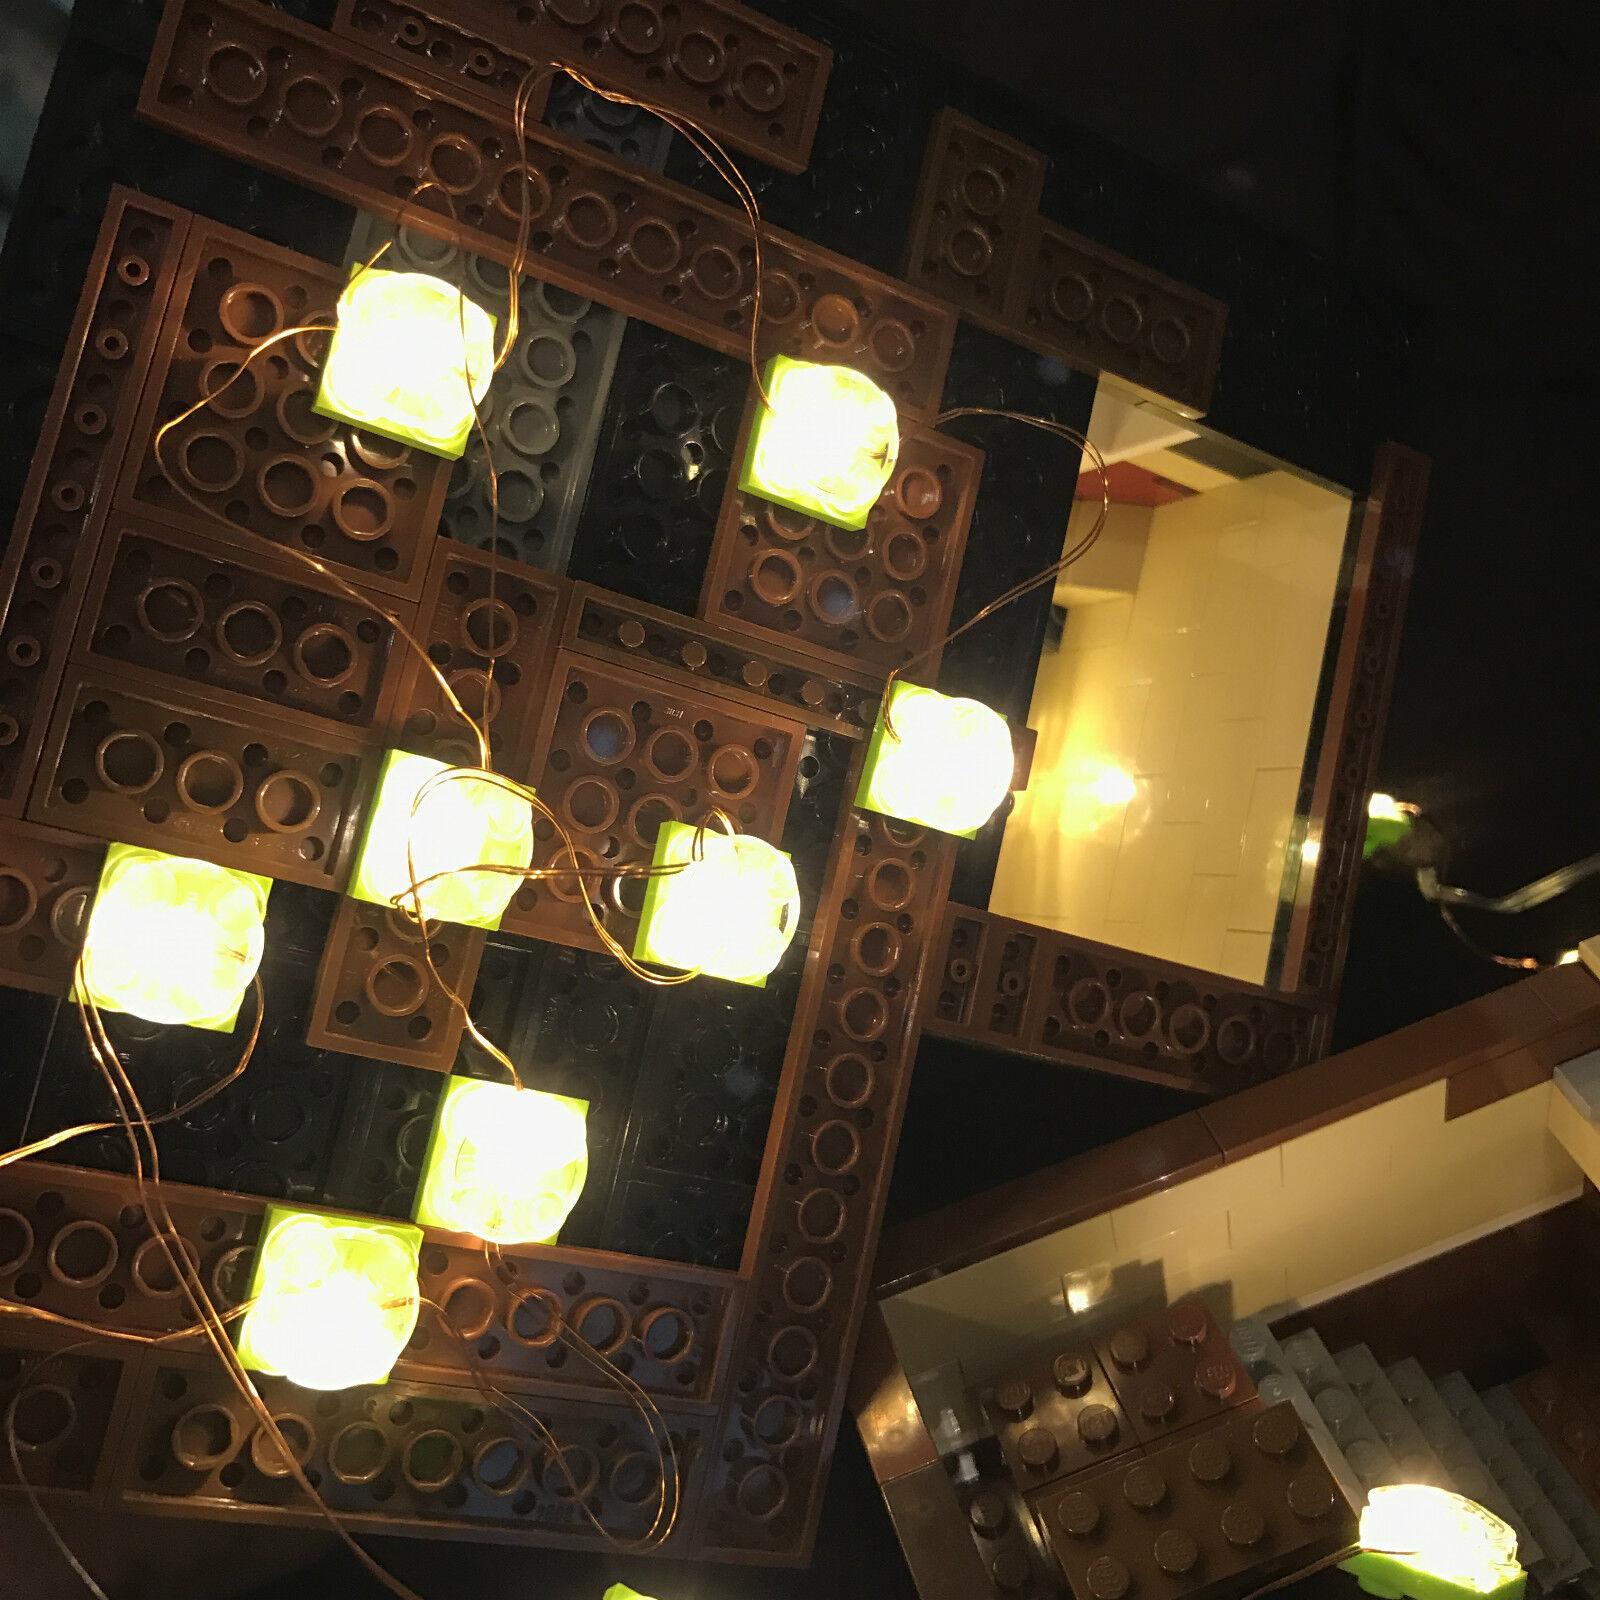 Lego creator expert modular Kit Kit Kit de LED de iluminación de construcción, blanco cálido